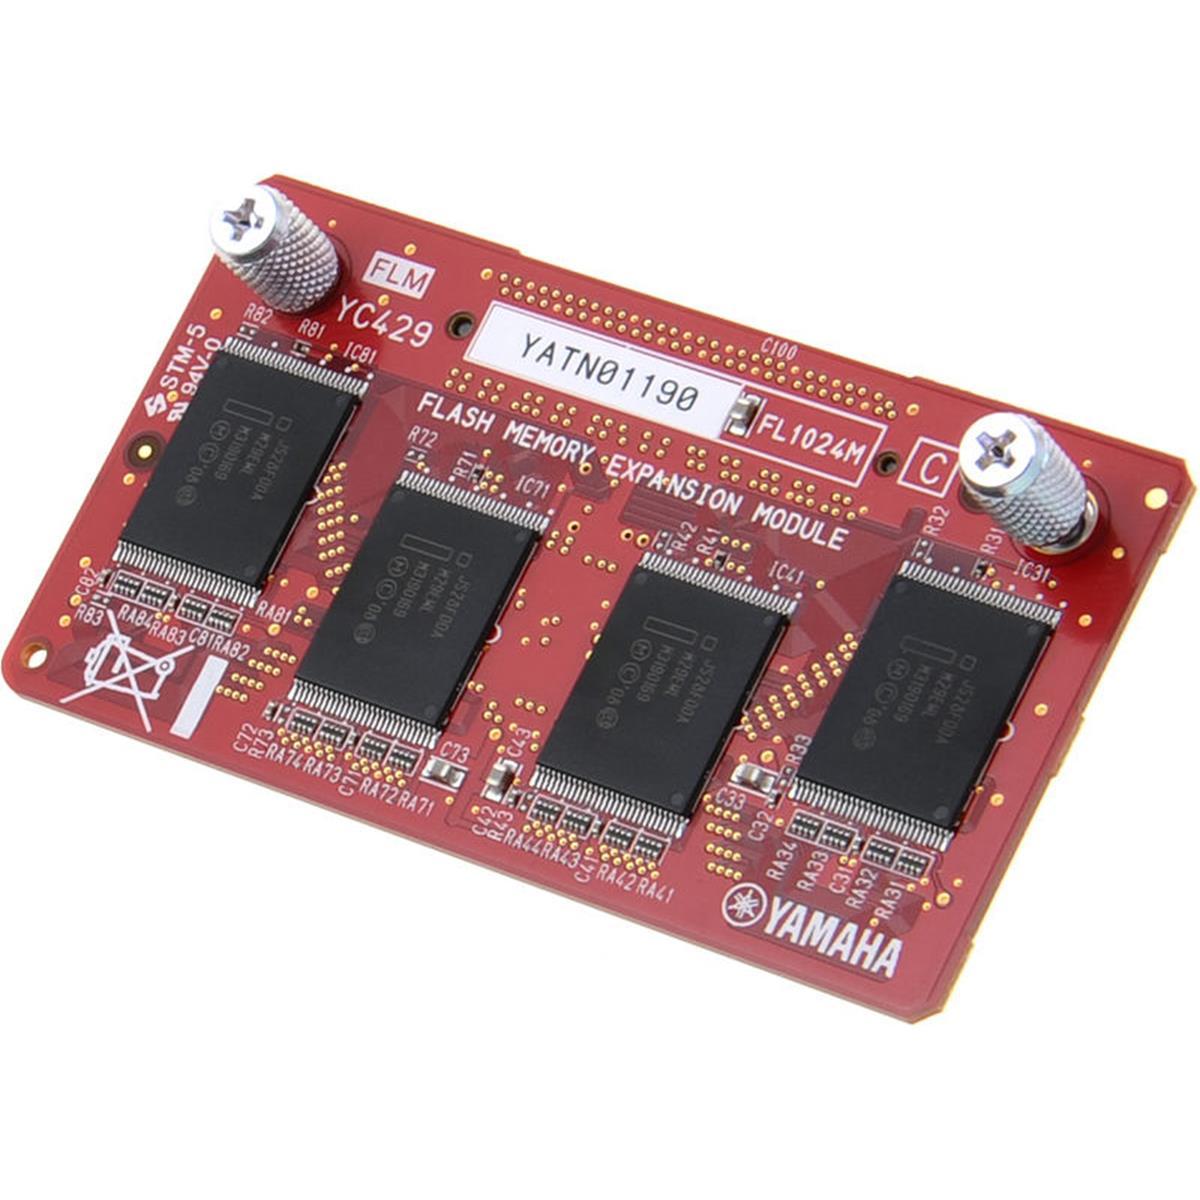 YAMAHA FL 1024 M - FLASH MEMORY 1 GB PER TYROS4 E MOTIFXF - Tastiere Accessori - Altri Accessori